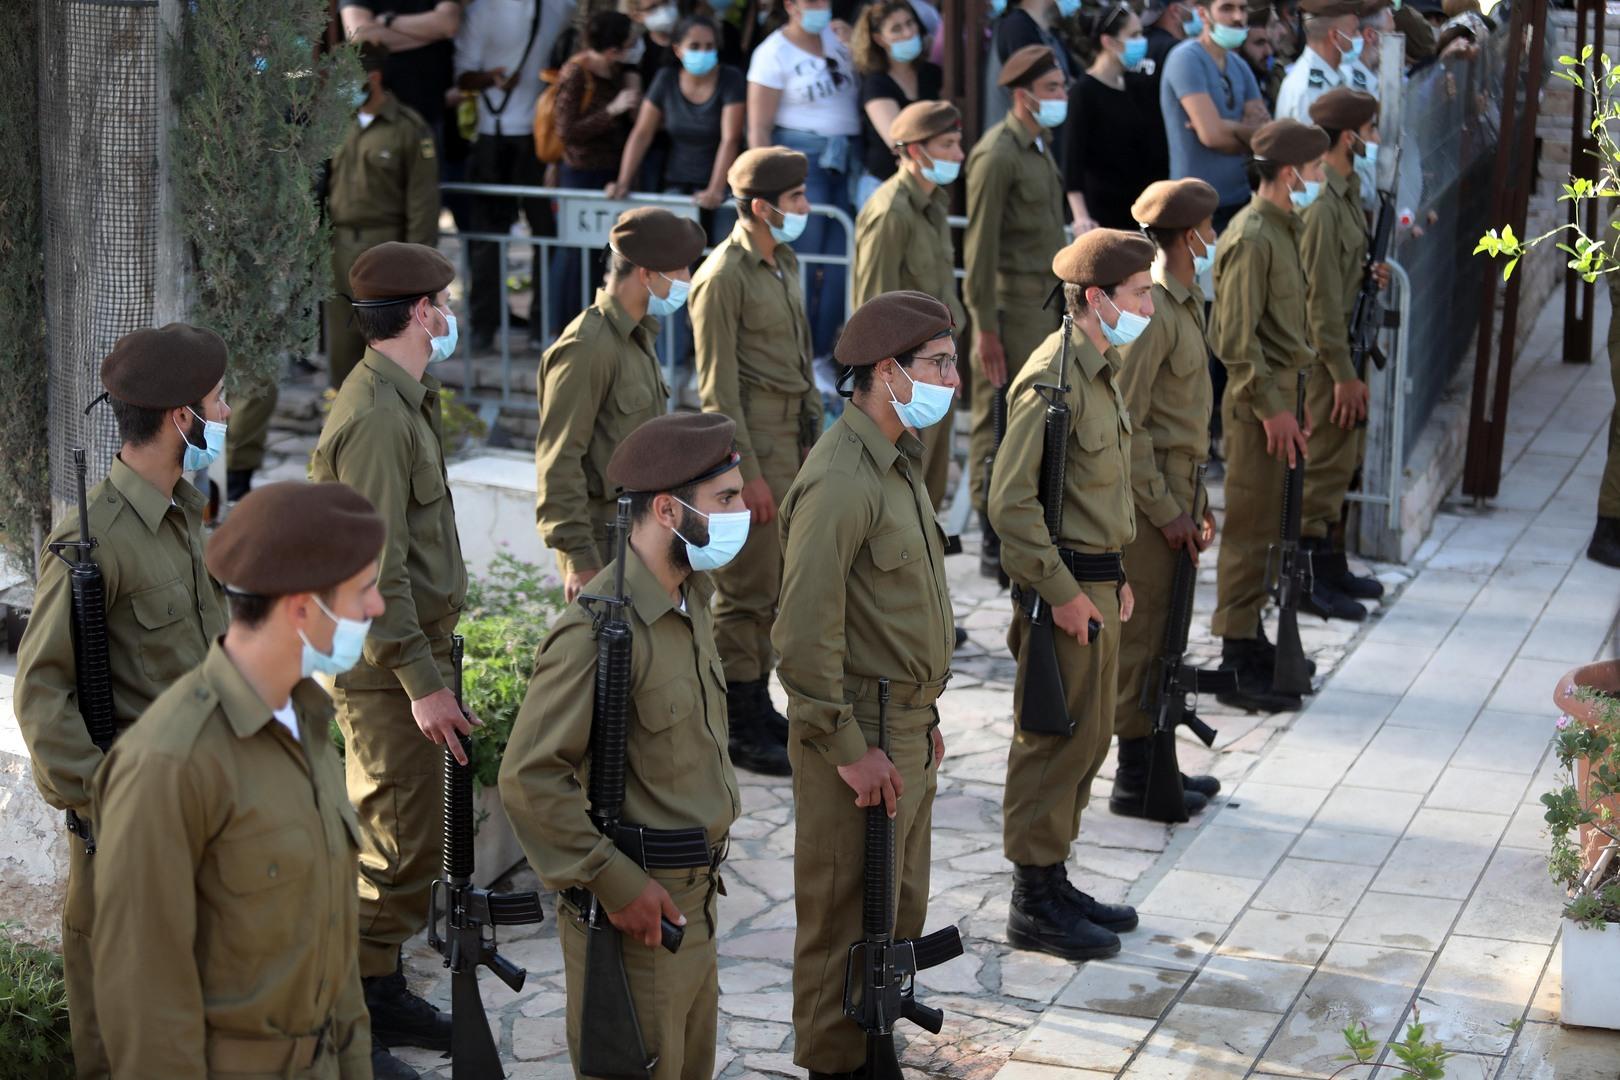 الجيش الإسرائيلي يعلن عن 922 إصابة بكورونا في صفوفه